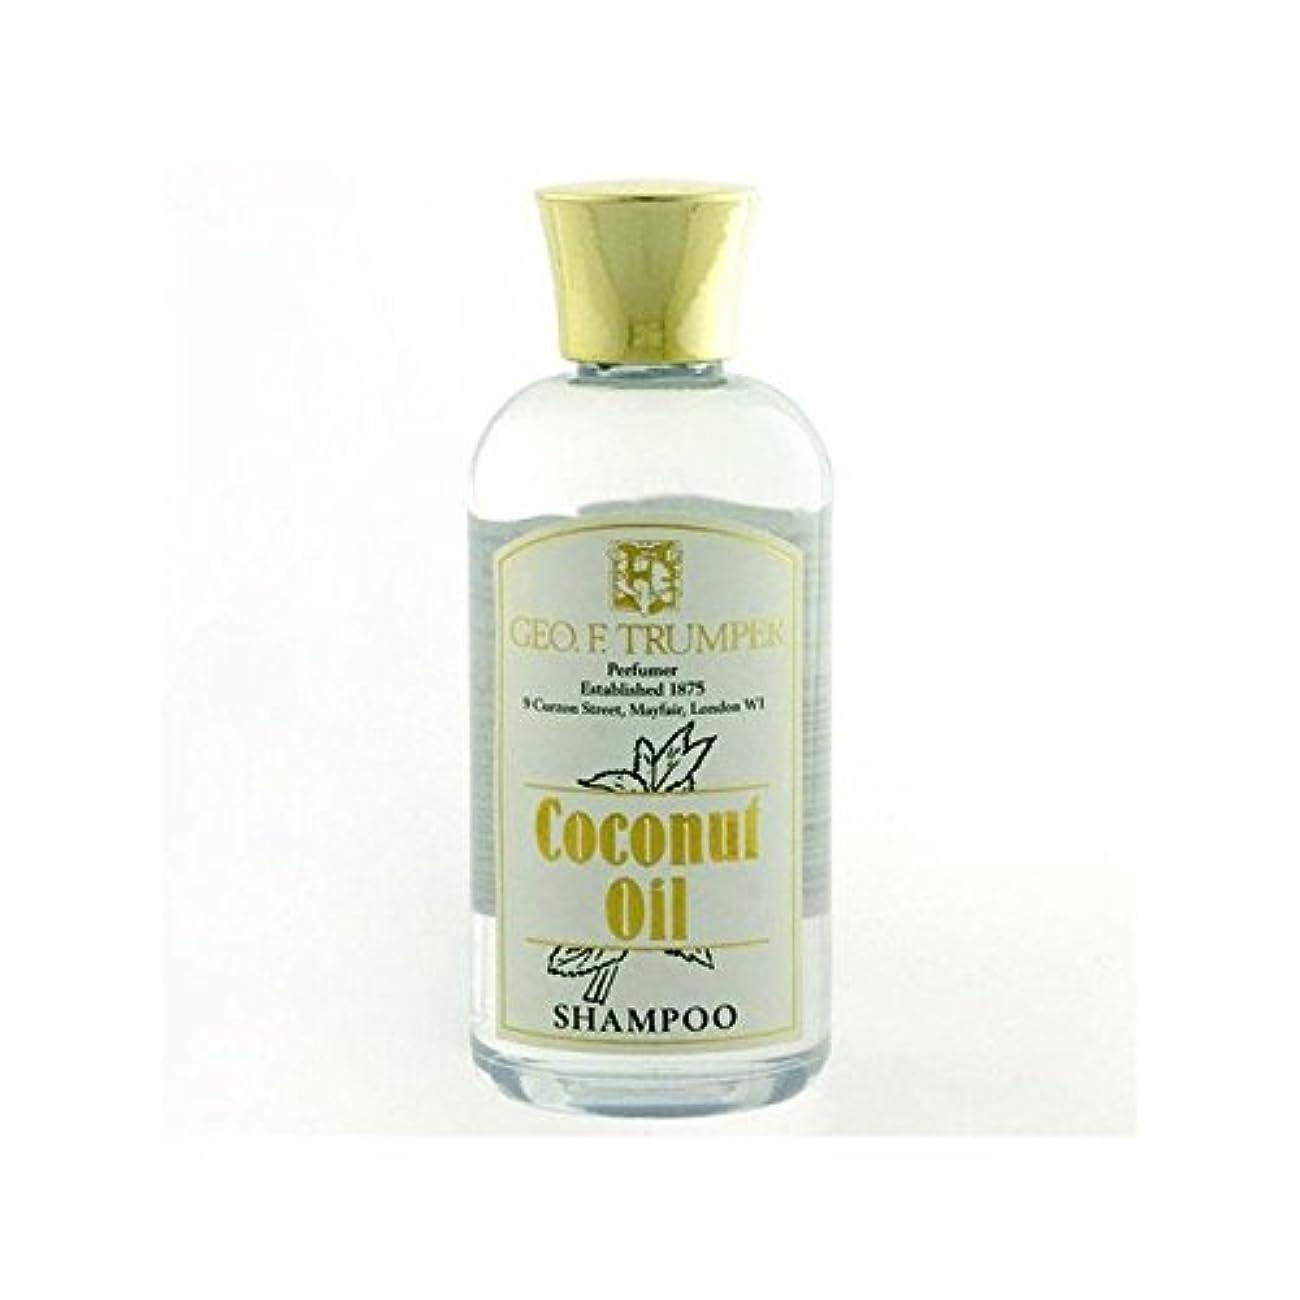 パッケージ実行する生ココナッツオイルシャンプー - 100ミリリットル旅 x4 - Trumpers Coconut Oil Shampoo - 100ml Travel (Pack of 4) [並行輸入品]